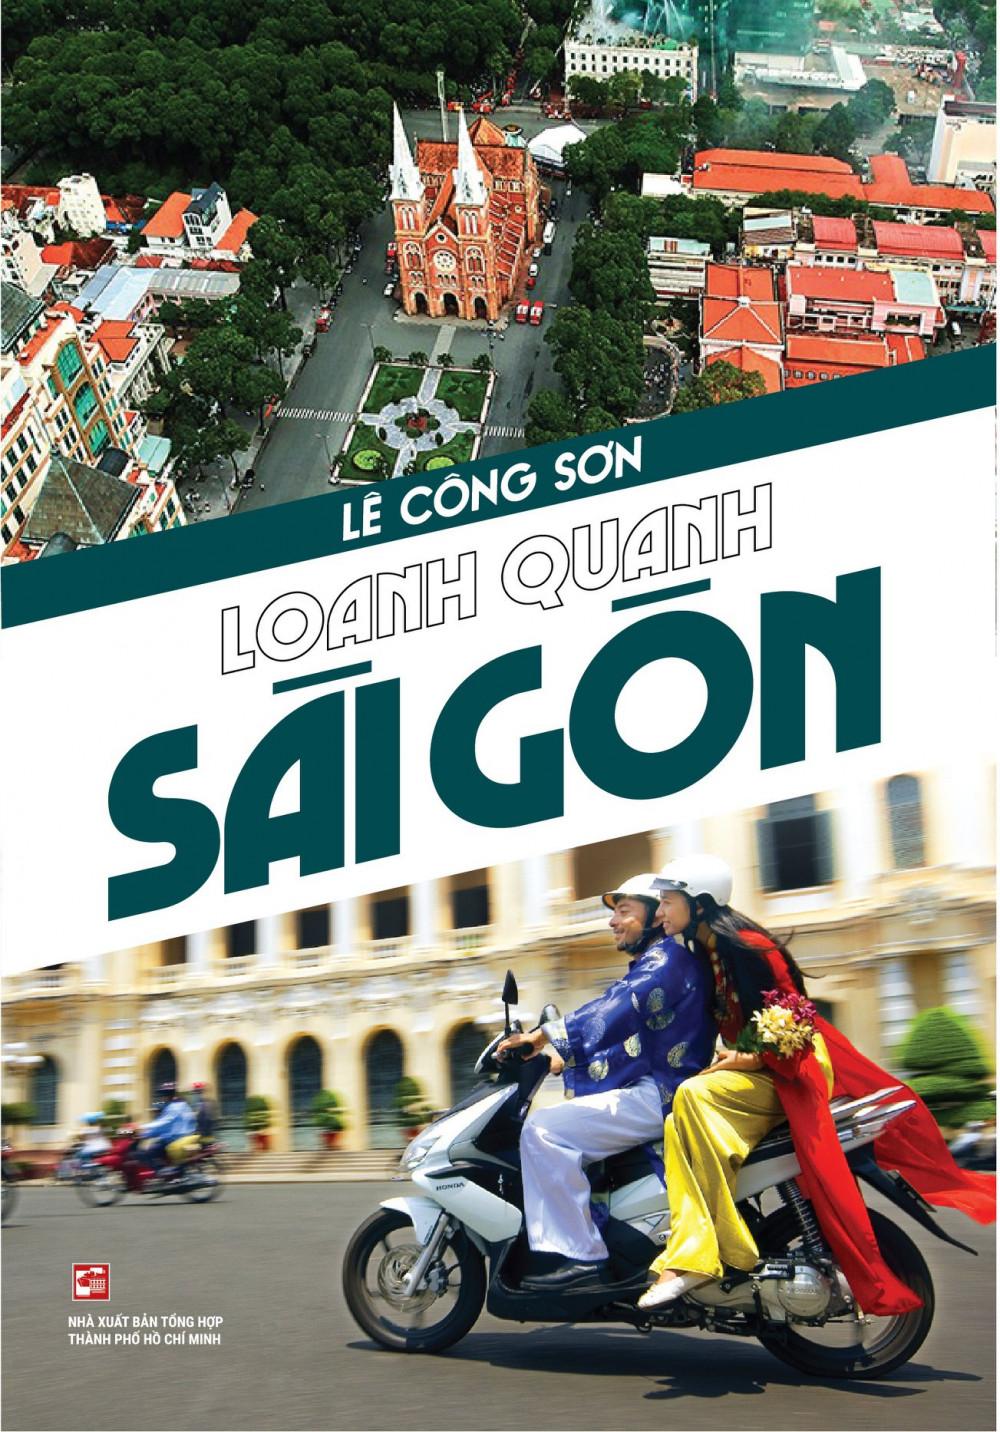 Nhà báo Lê Công Sơn cũng ra mắt tác phẩm viết về Sài Gòn trong dịp này